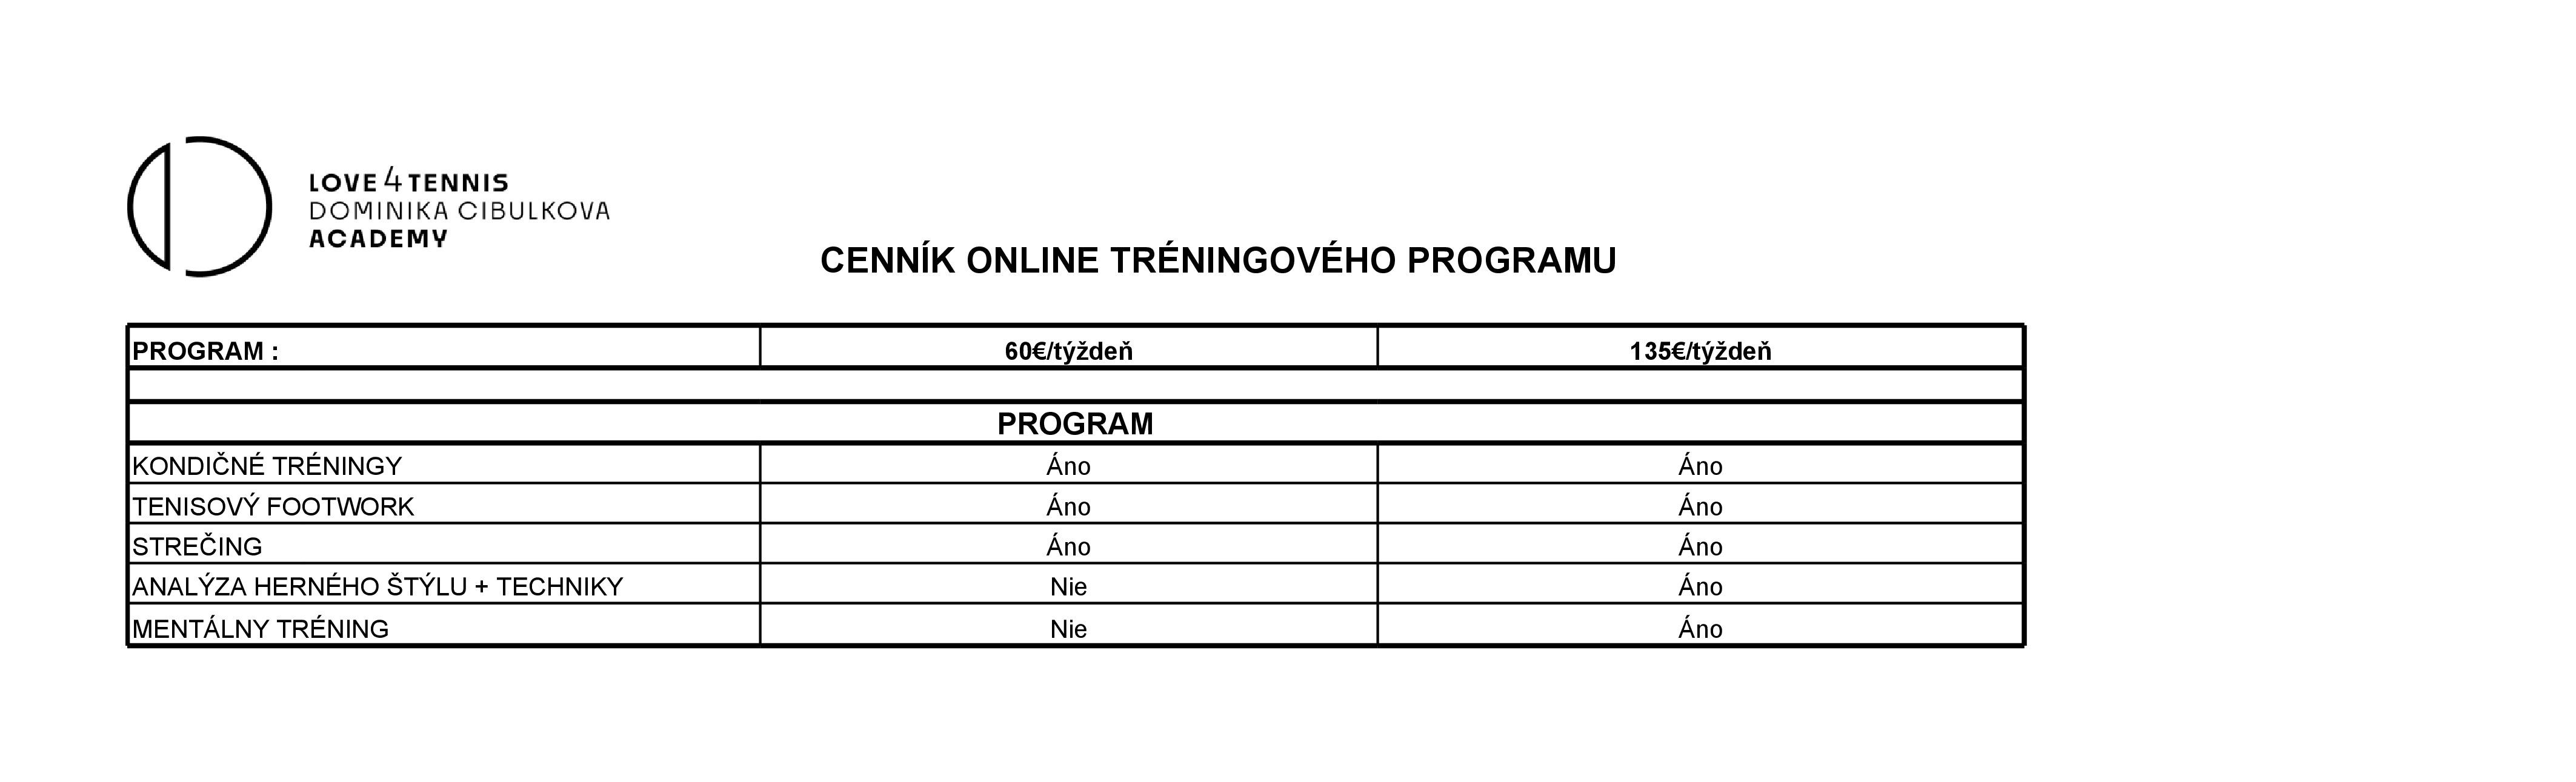 cenniky online treningu-0